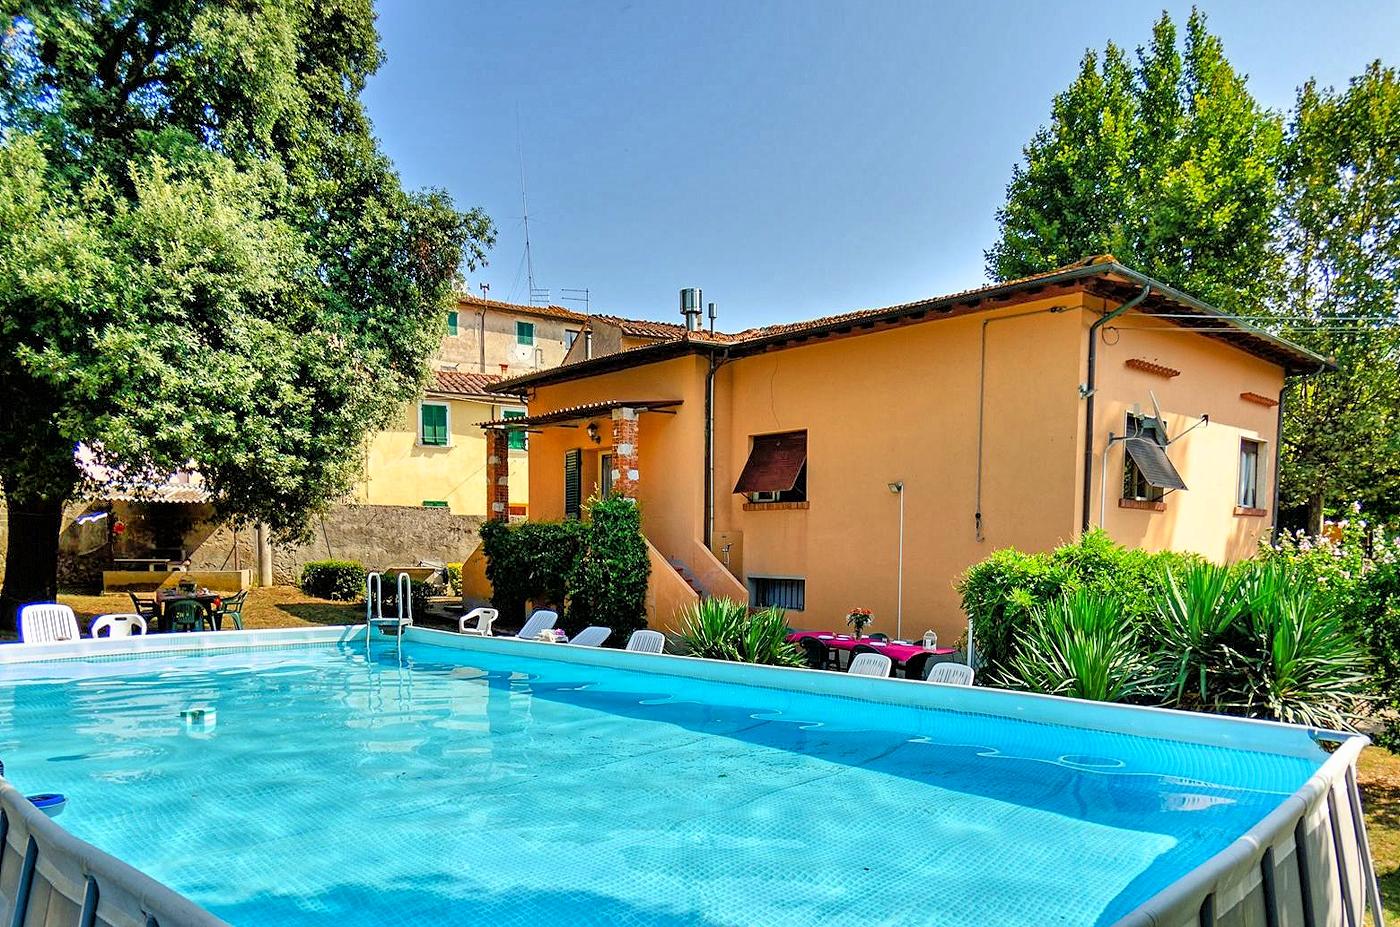 Vakantiehuis in Cascine di Buti met zwembad, in Toscane.